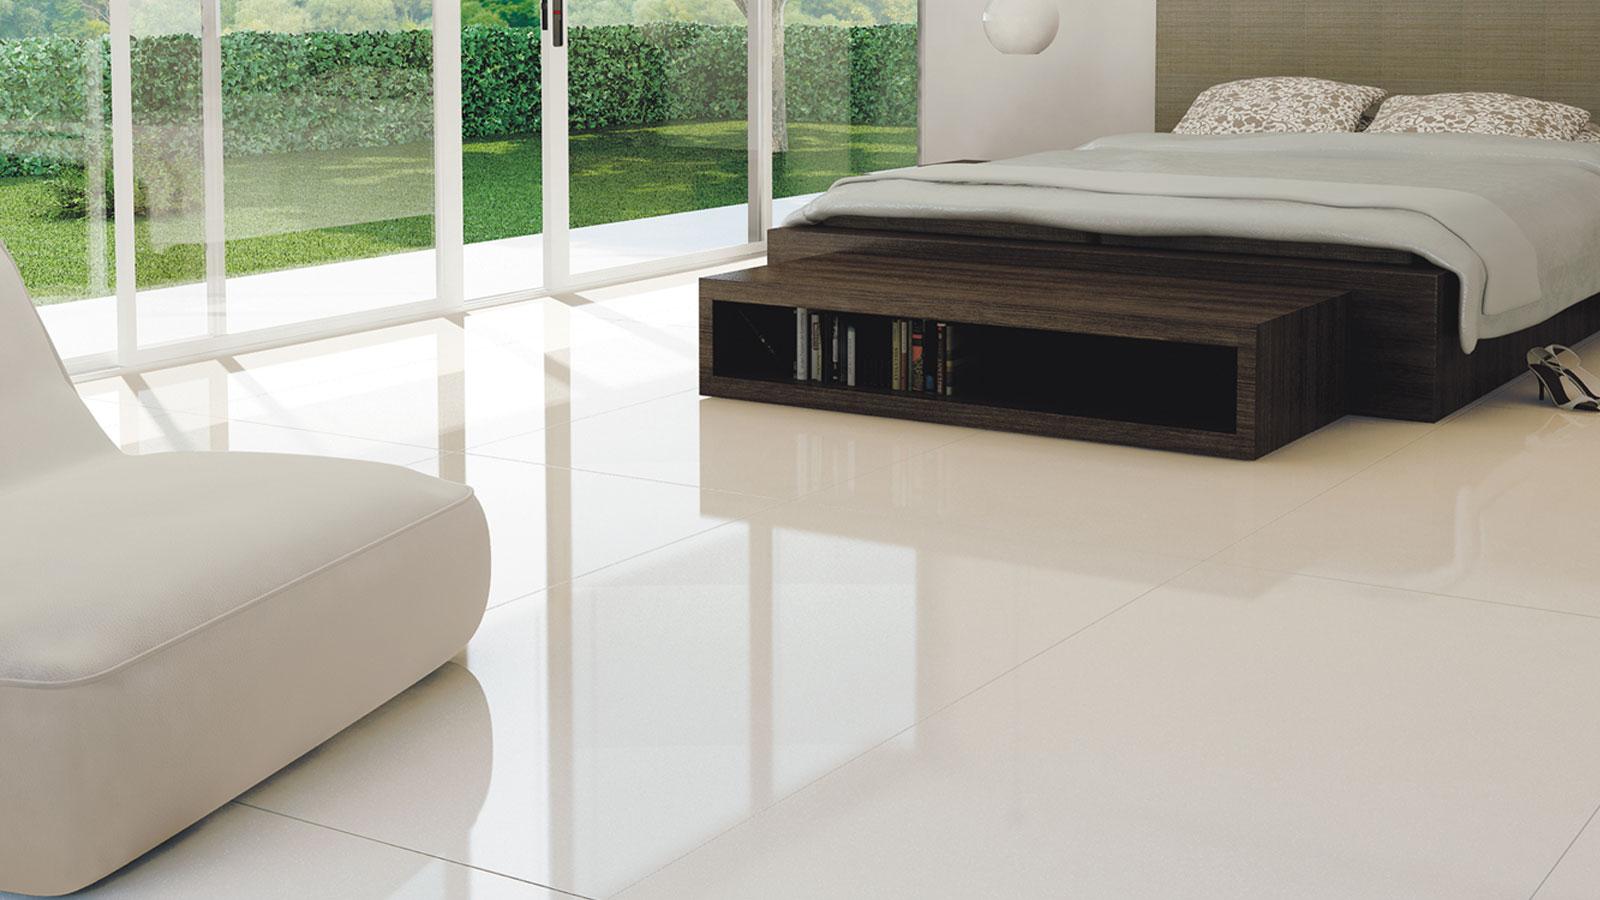 Blog do azulim dica limpando o piso porcelanato for Pisos de porcelanato para sala